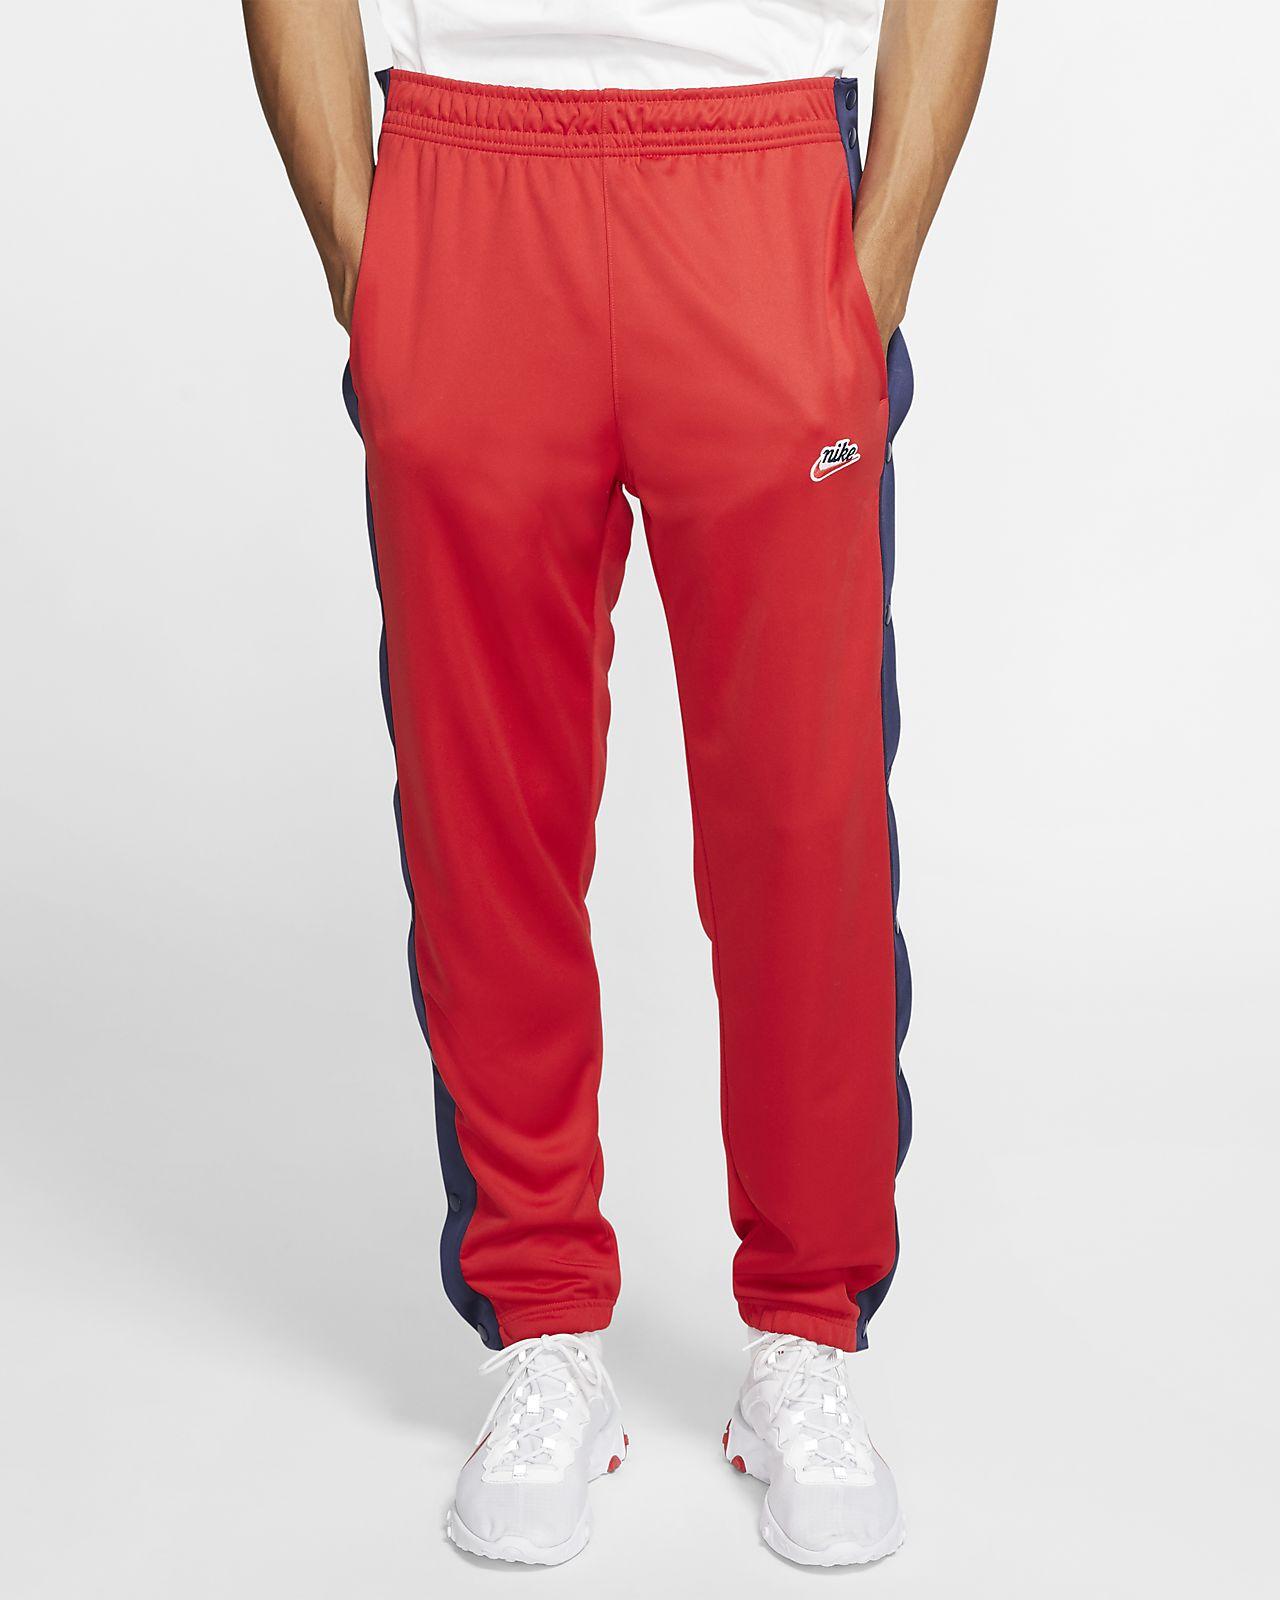 Pánské kalhoty s rozepínacími nohavicemi Nike Sportswear